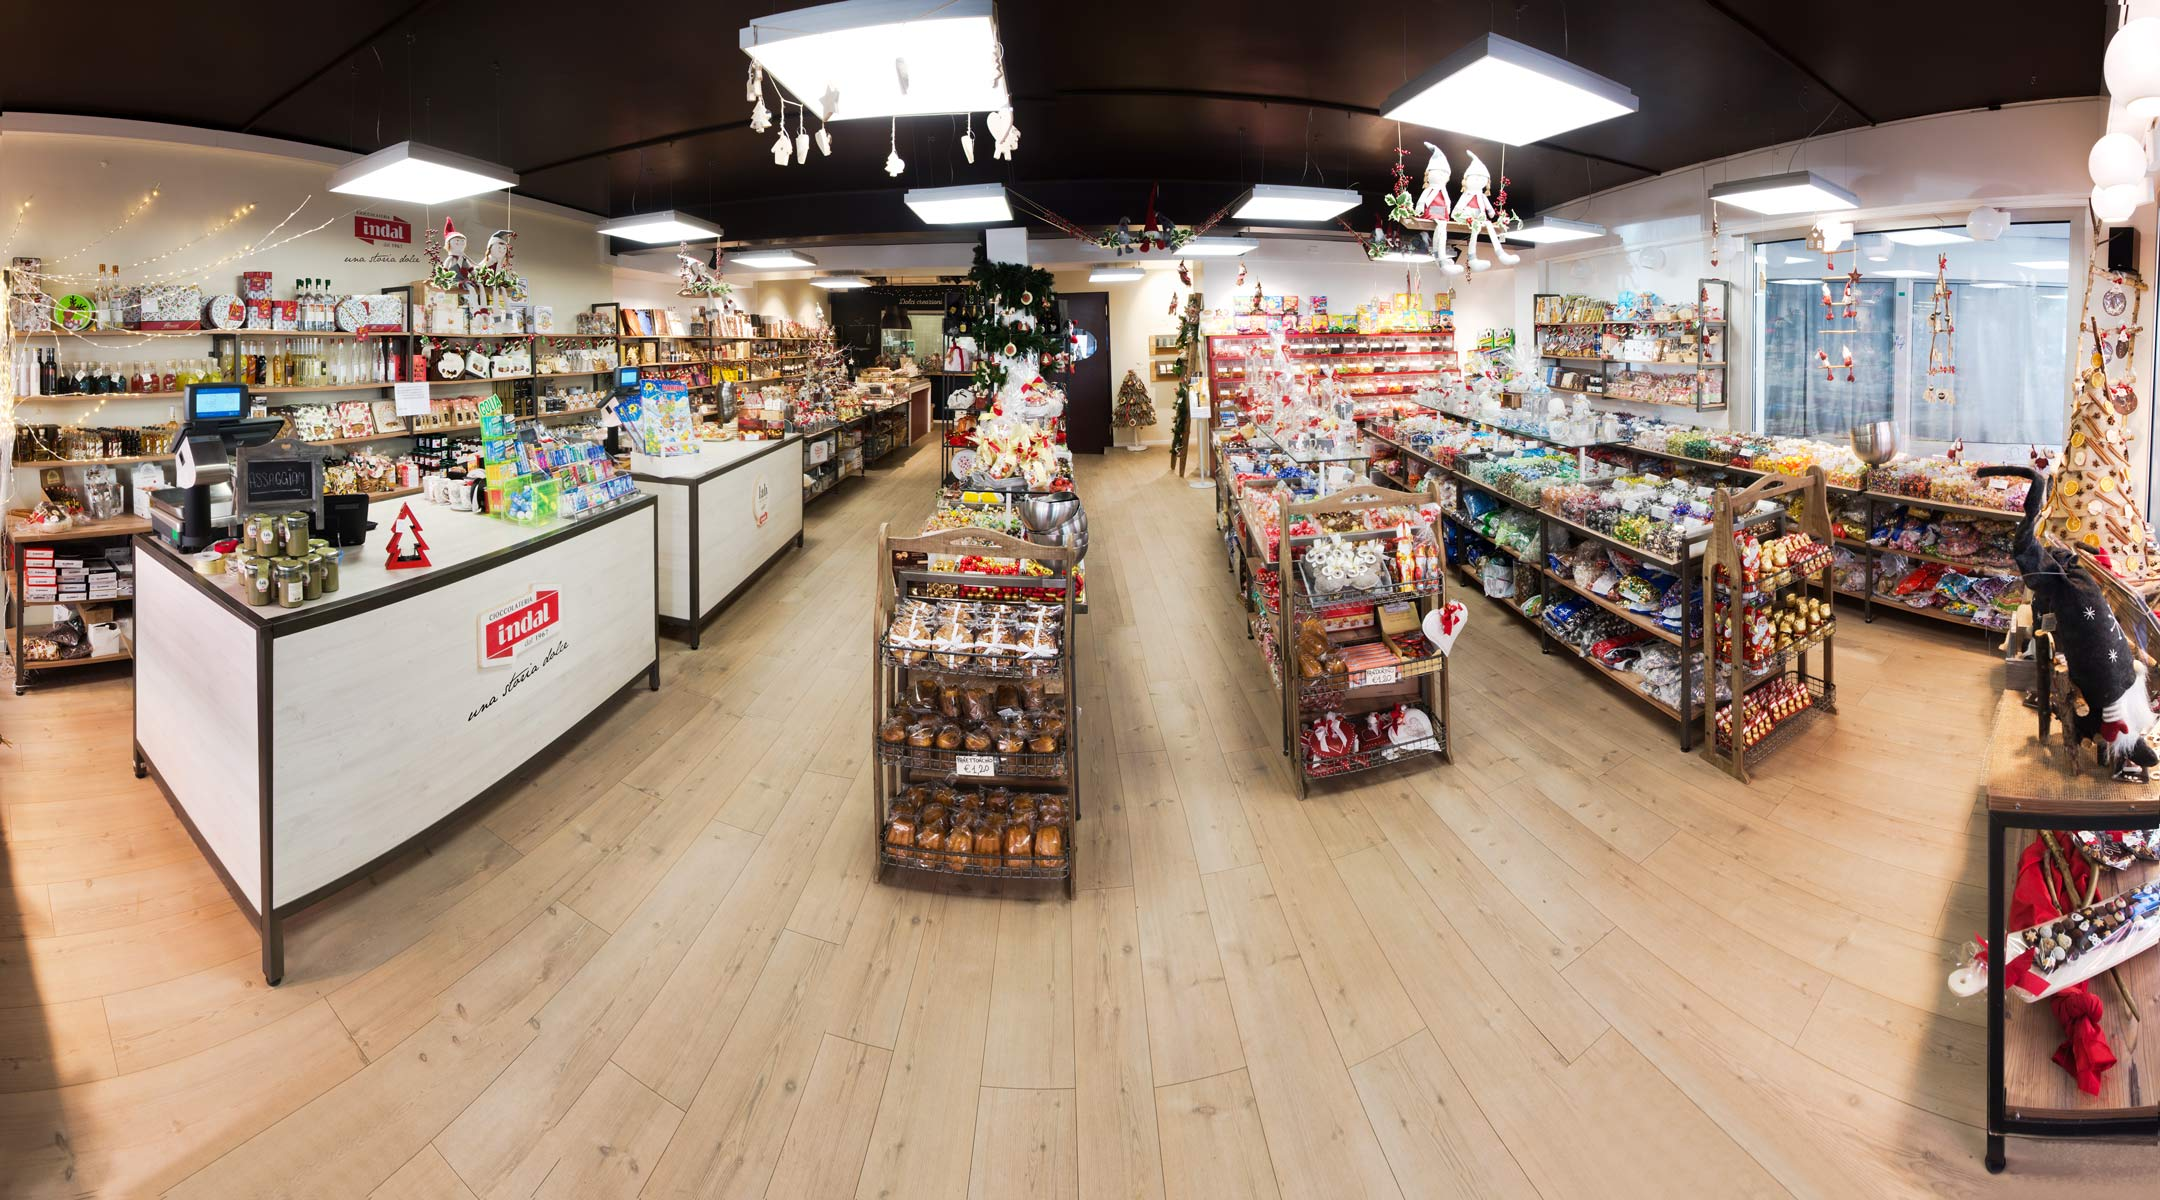 negozio_indal02